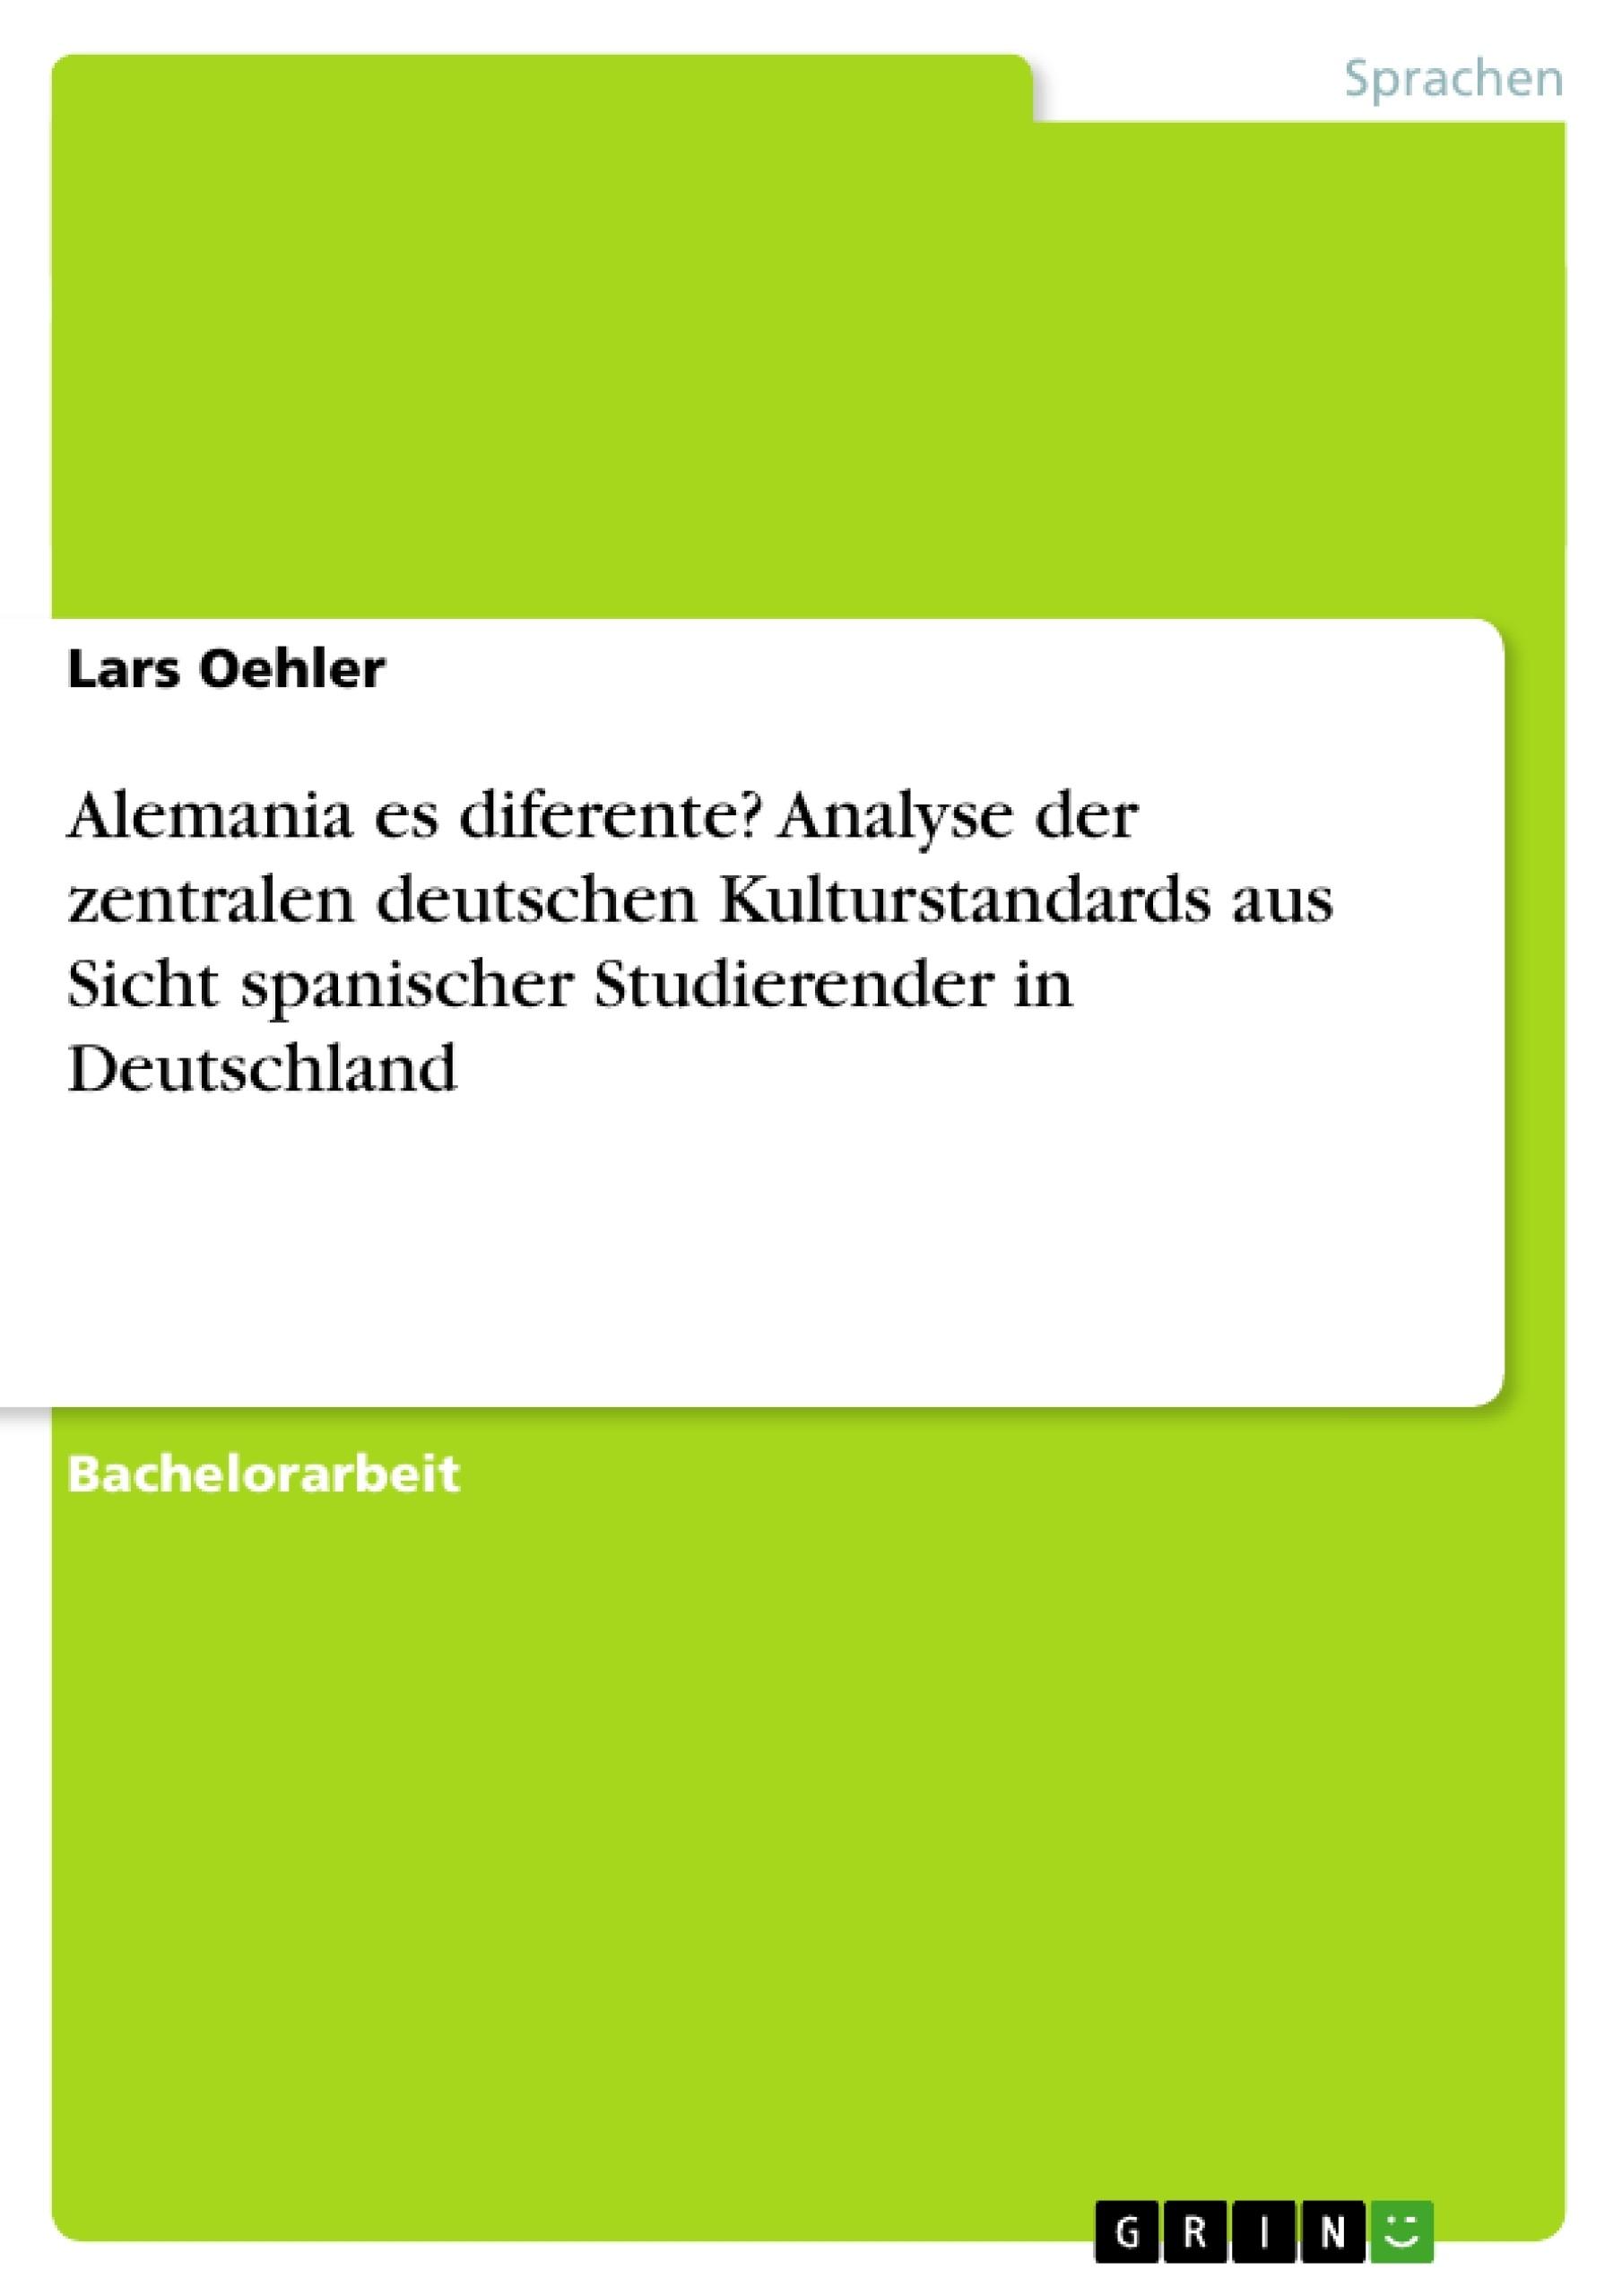 Titel: Alemania es diferente? Analyse der zentralen deutschen Kulturstandards aus Sicht spanischer Studierender in Deutschland